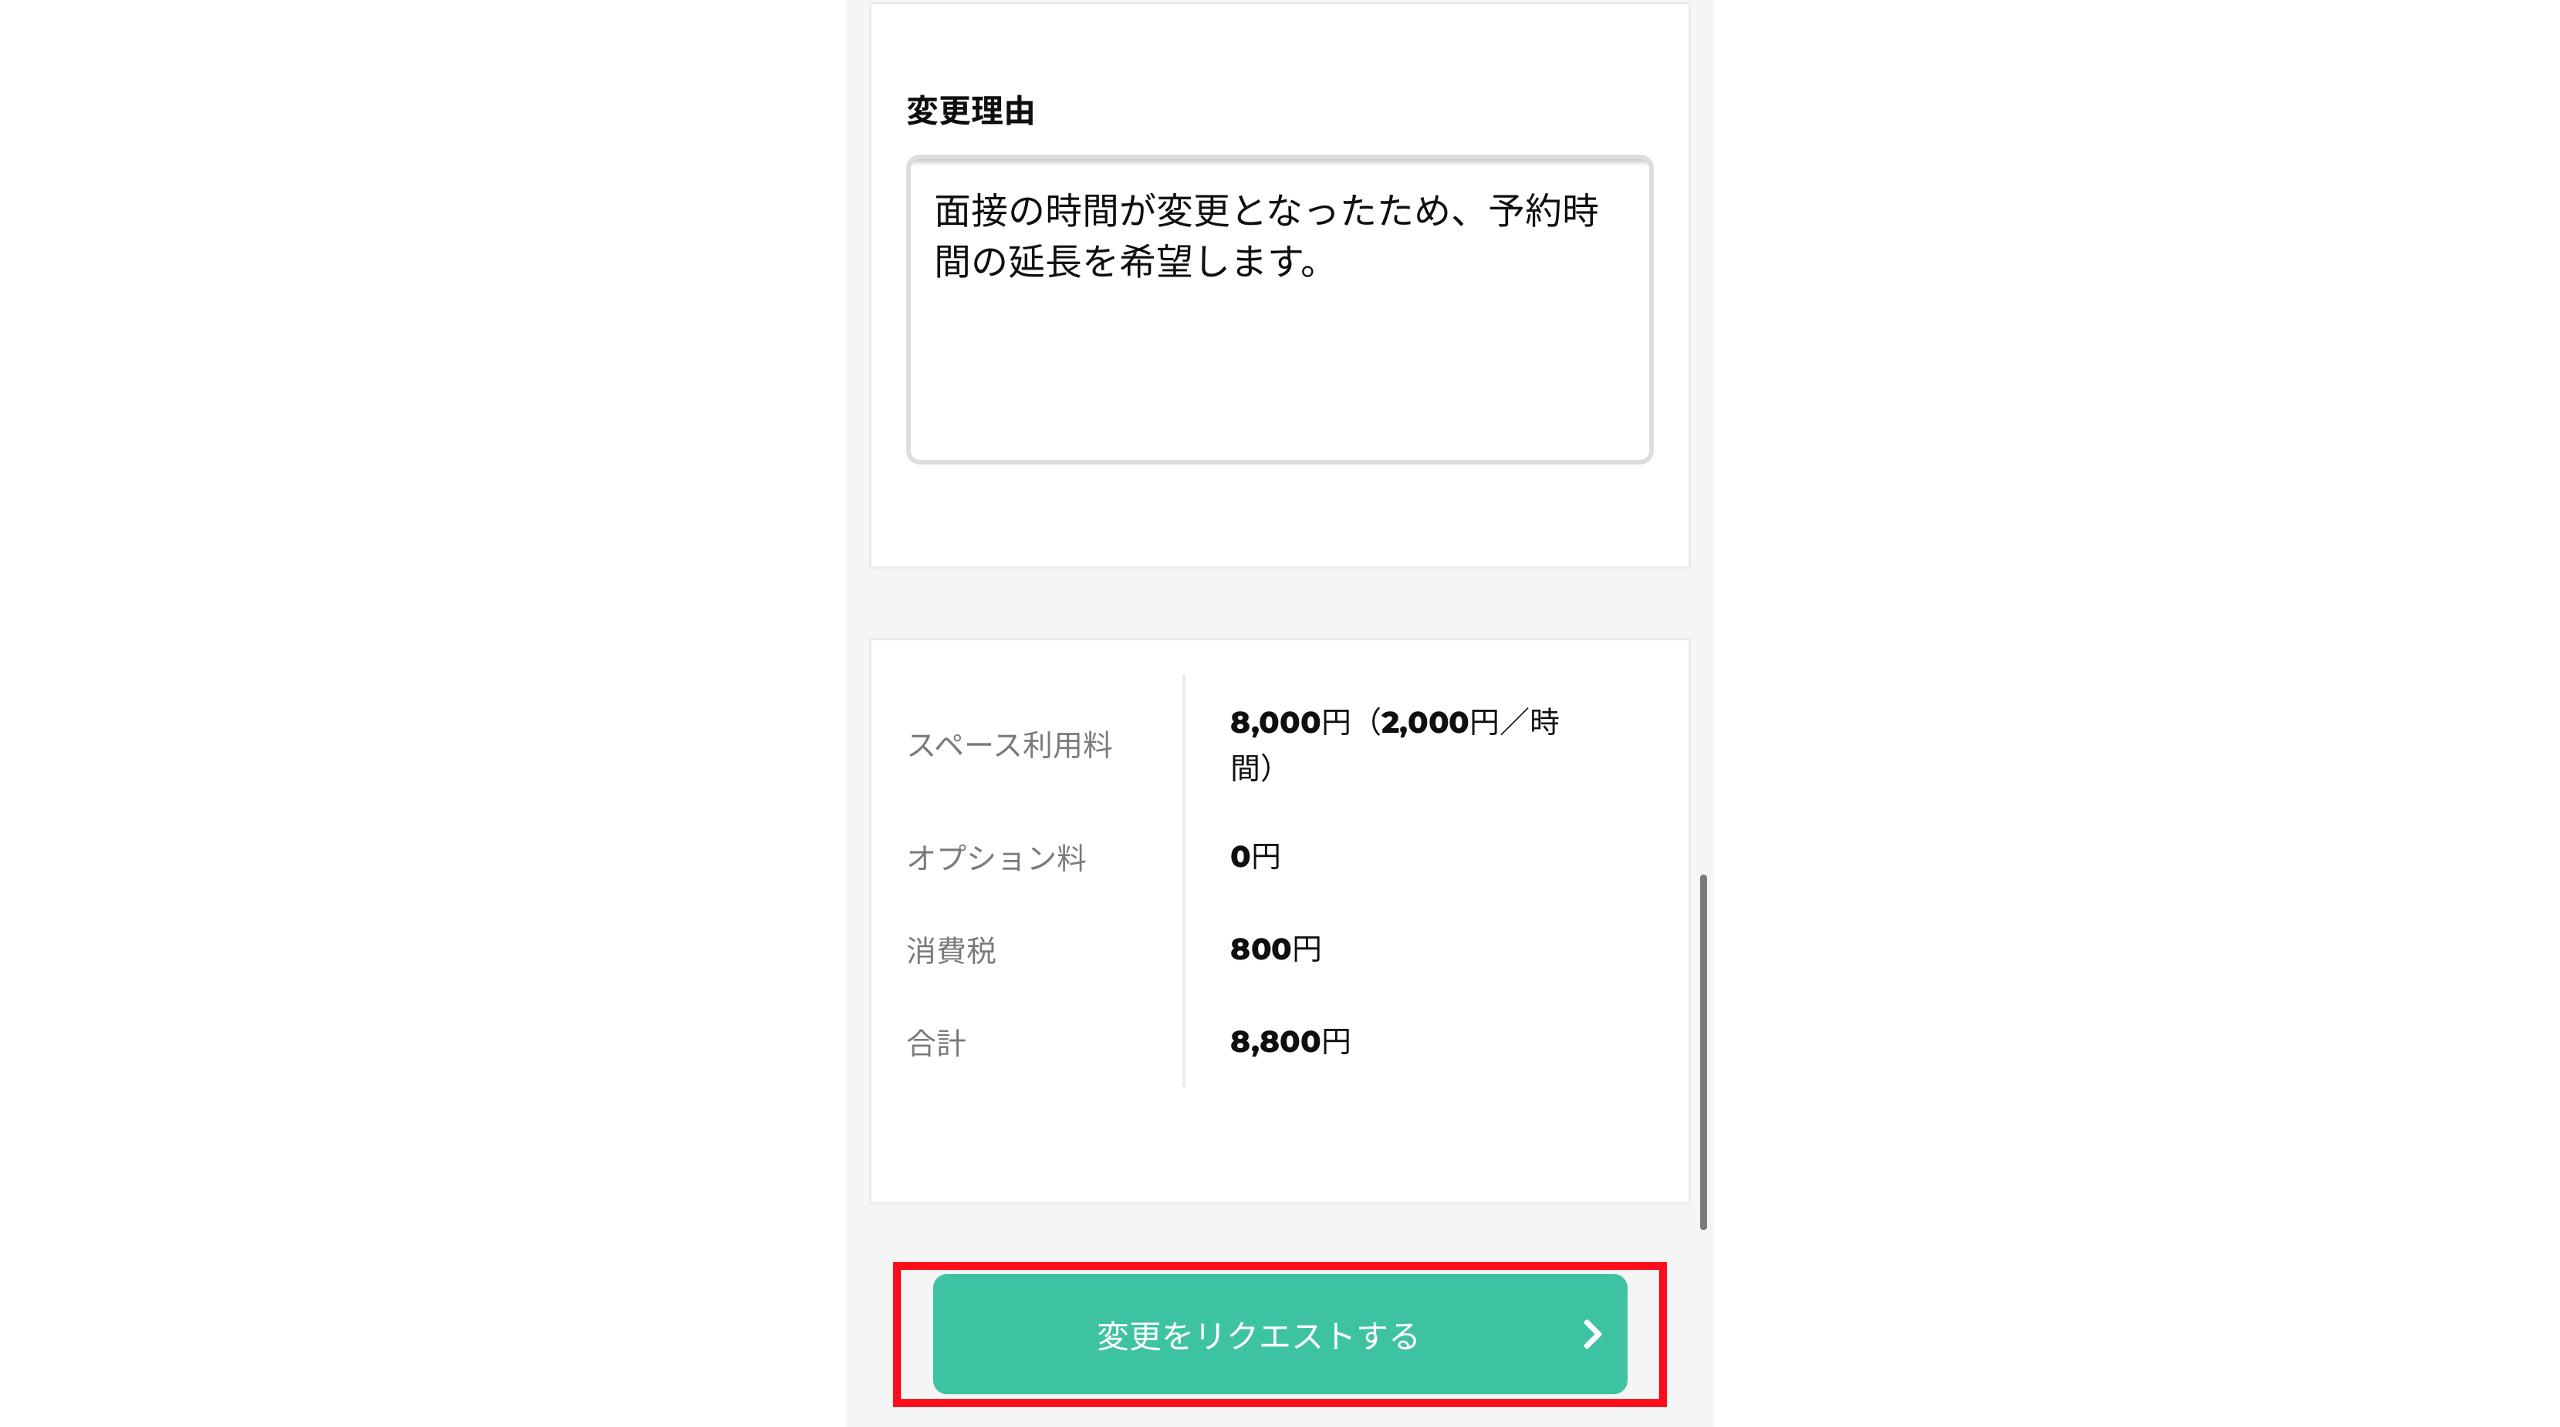 スクリーンショット 2021-03-19 15.52.43.png